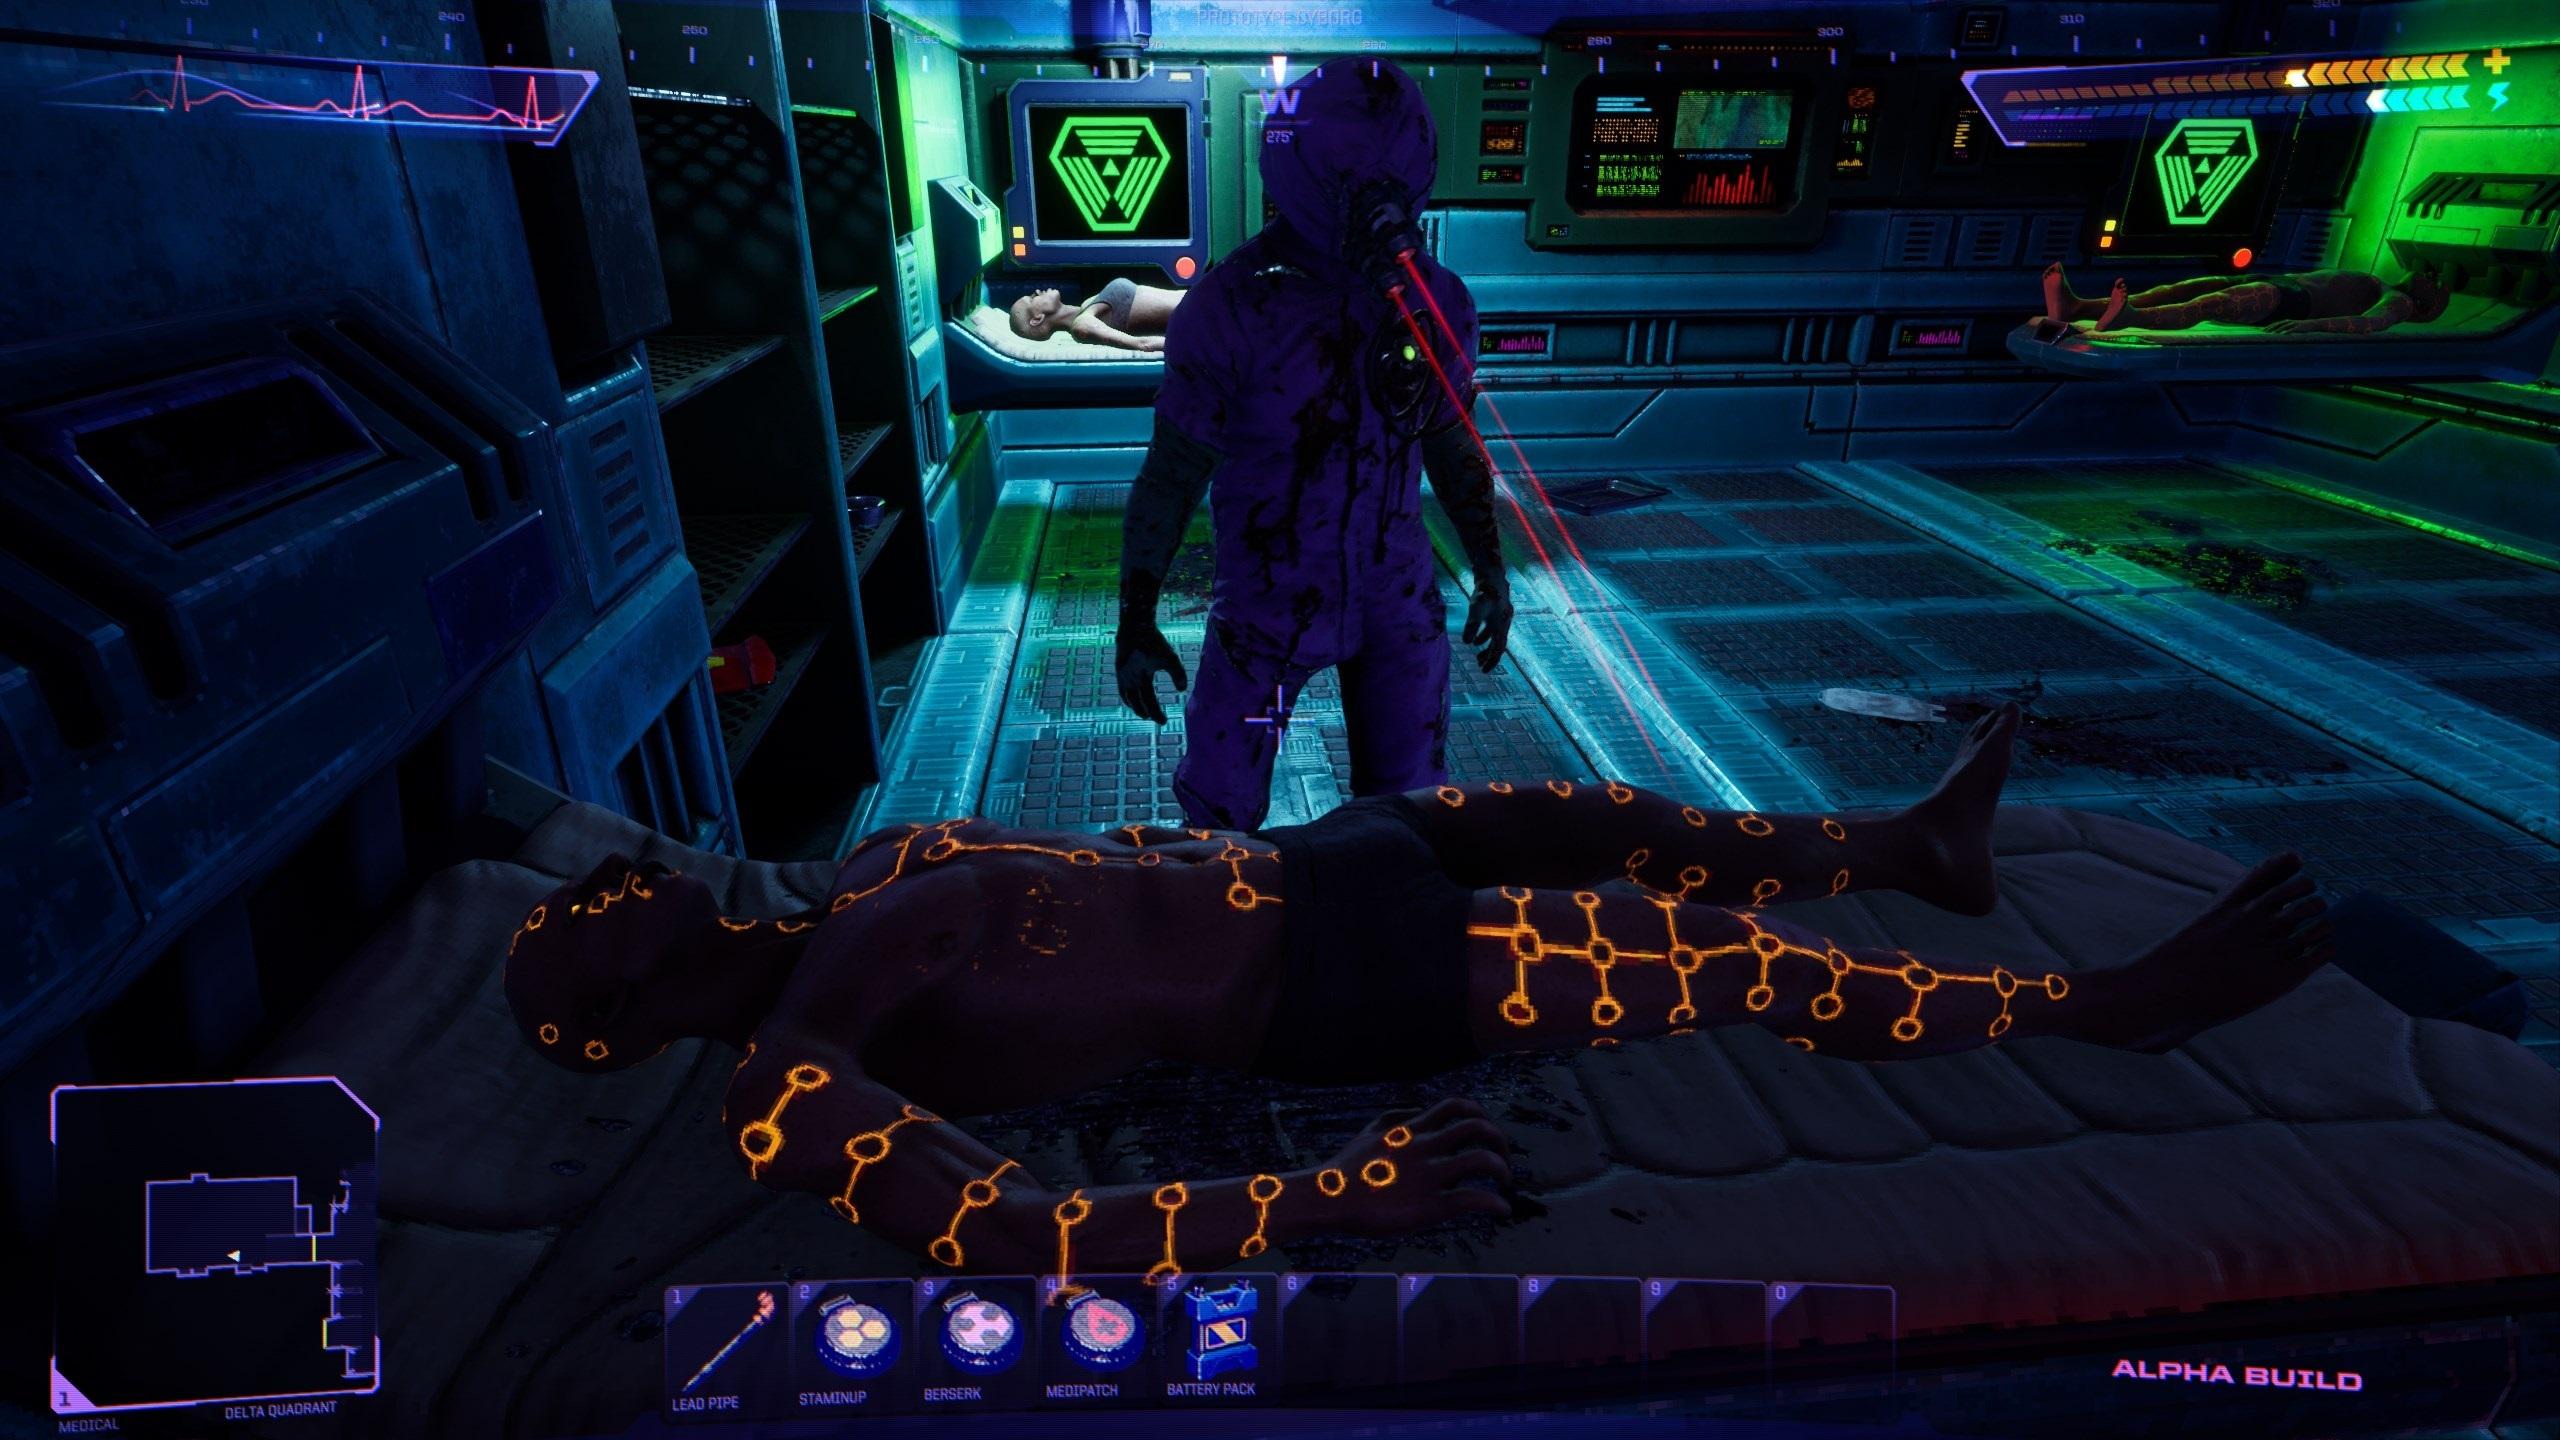 System Shock demo System Shock remake System Shock gog